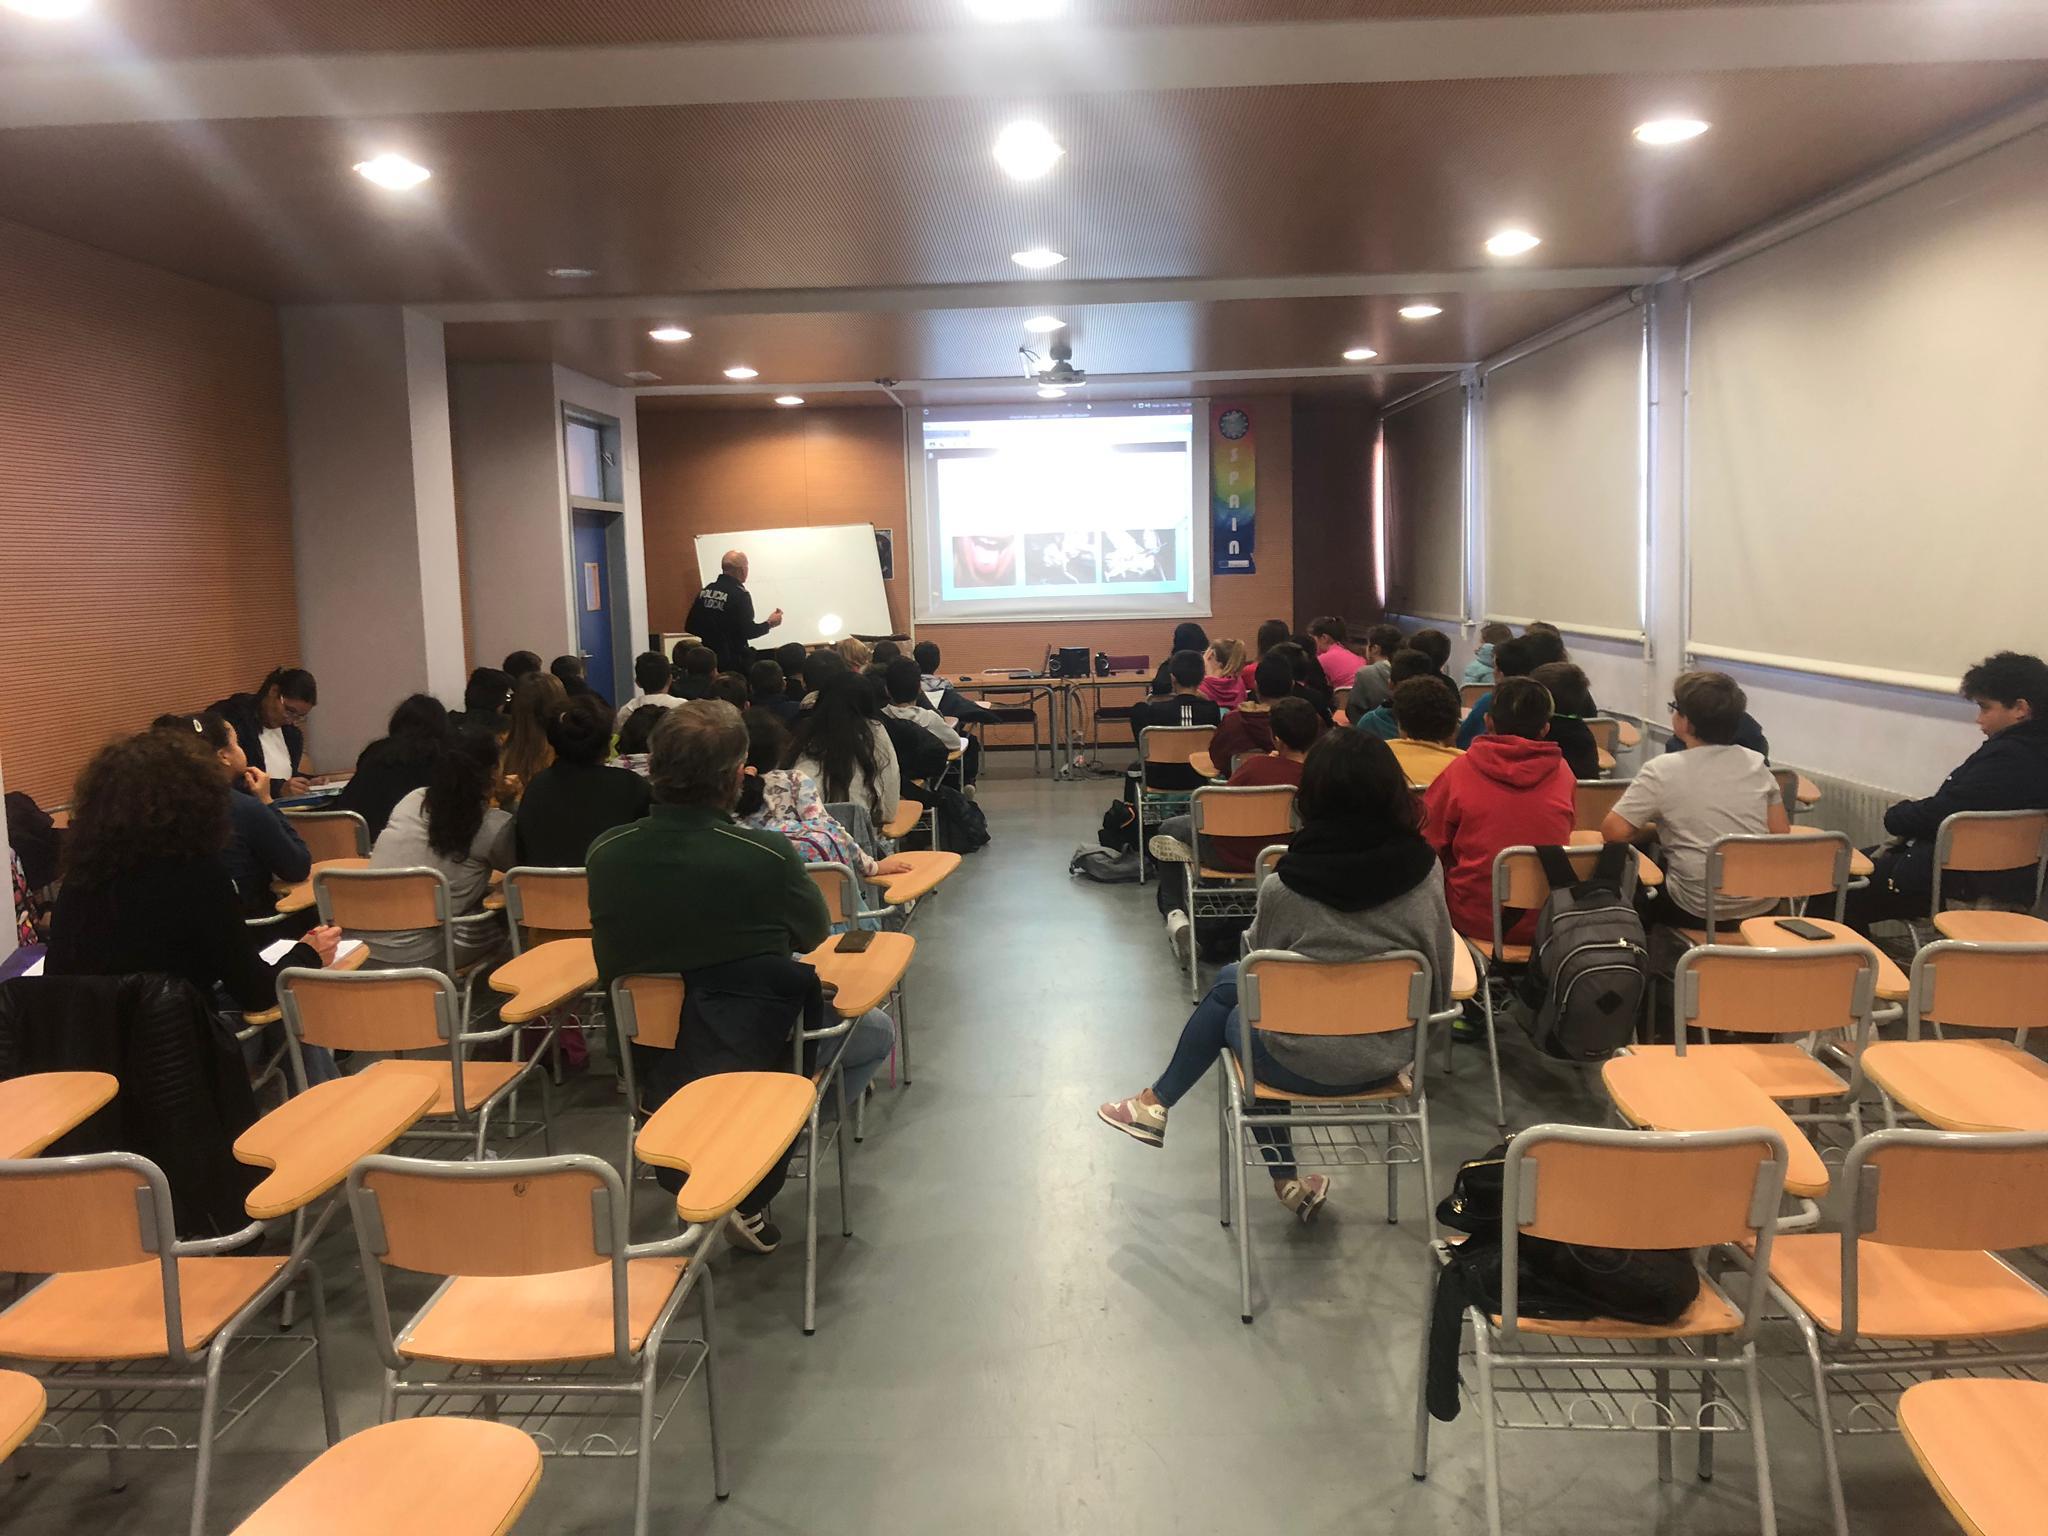 Alcalà-Alcossebre; La Policia Local d'Alcalà-Alcossebre forma als alumnes de l'IES Serra d'Irta per prevenir el consum de drogues